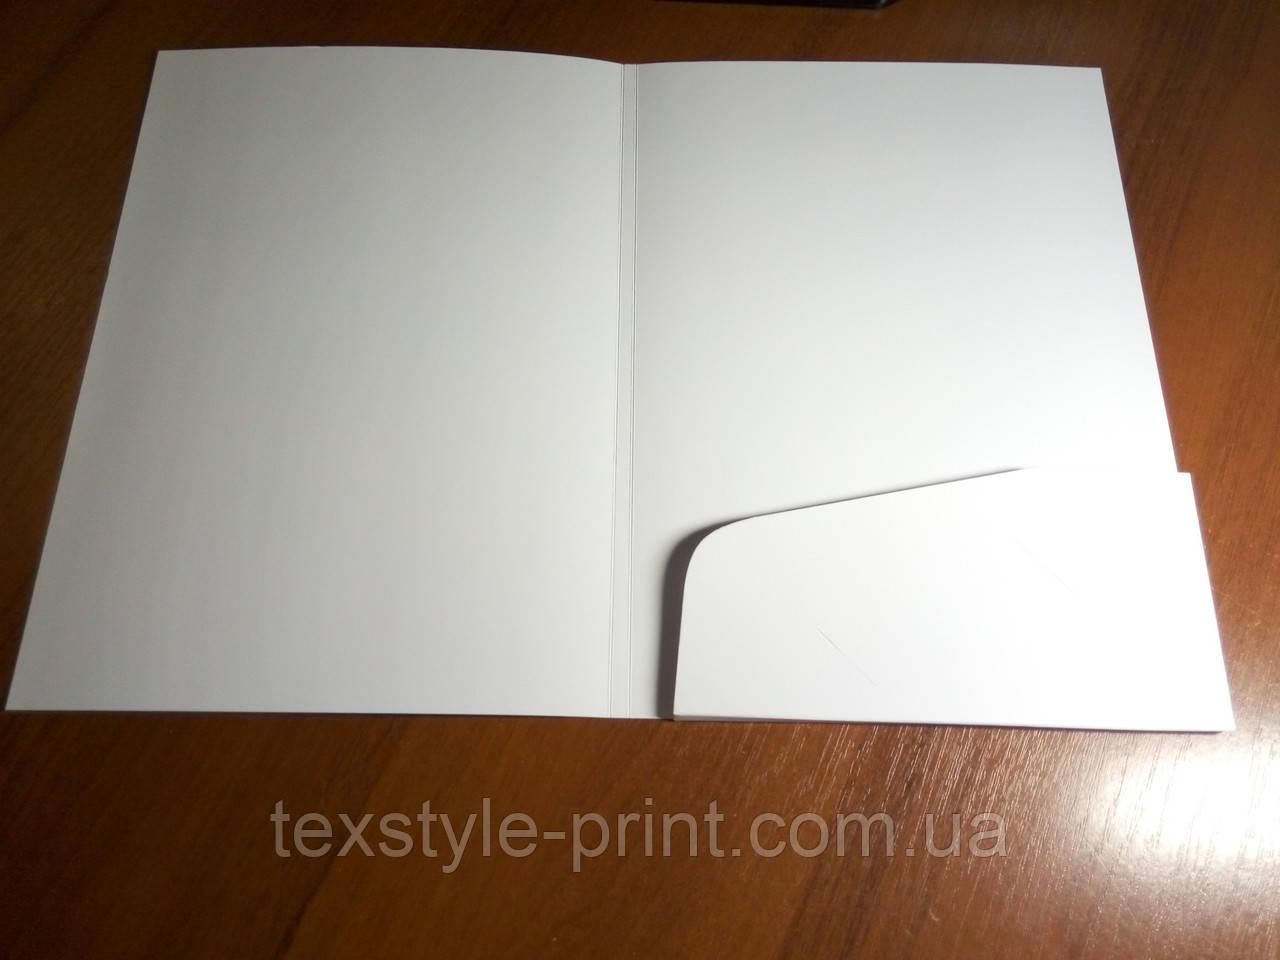 Изготовление папок с вклеенным карманом